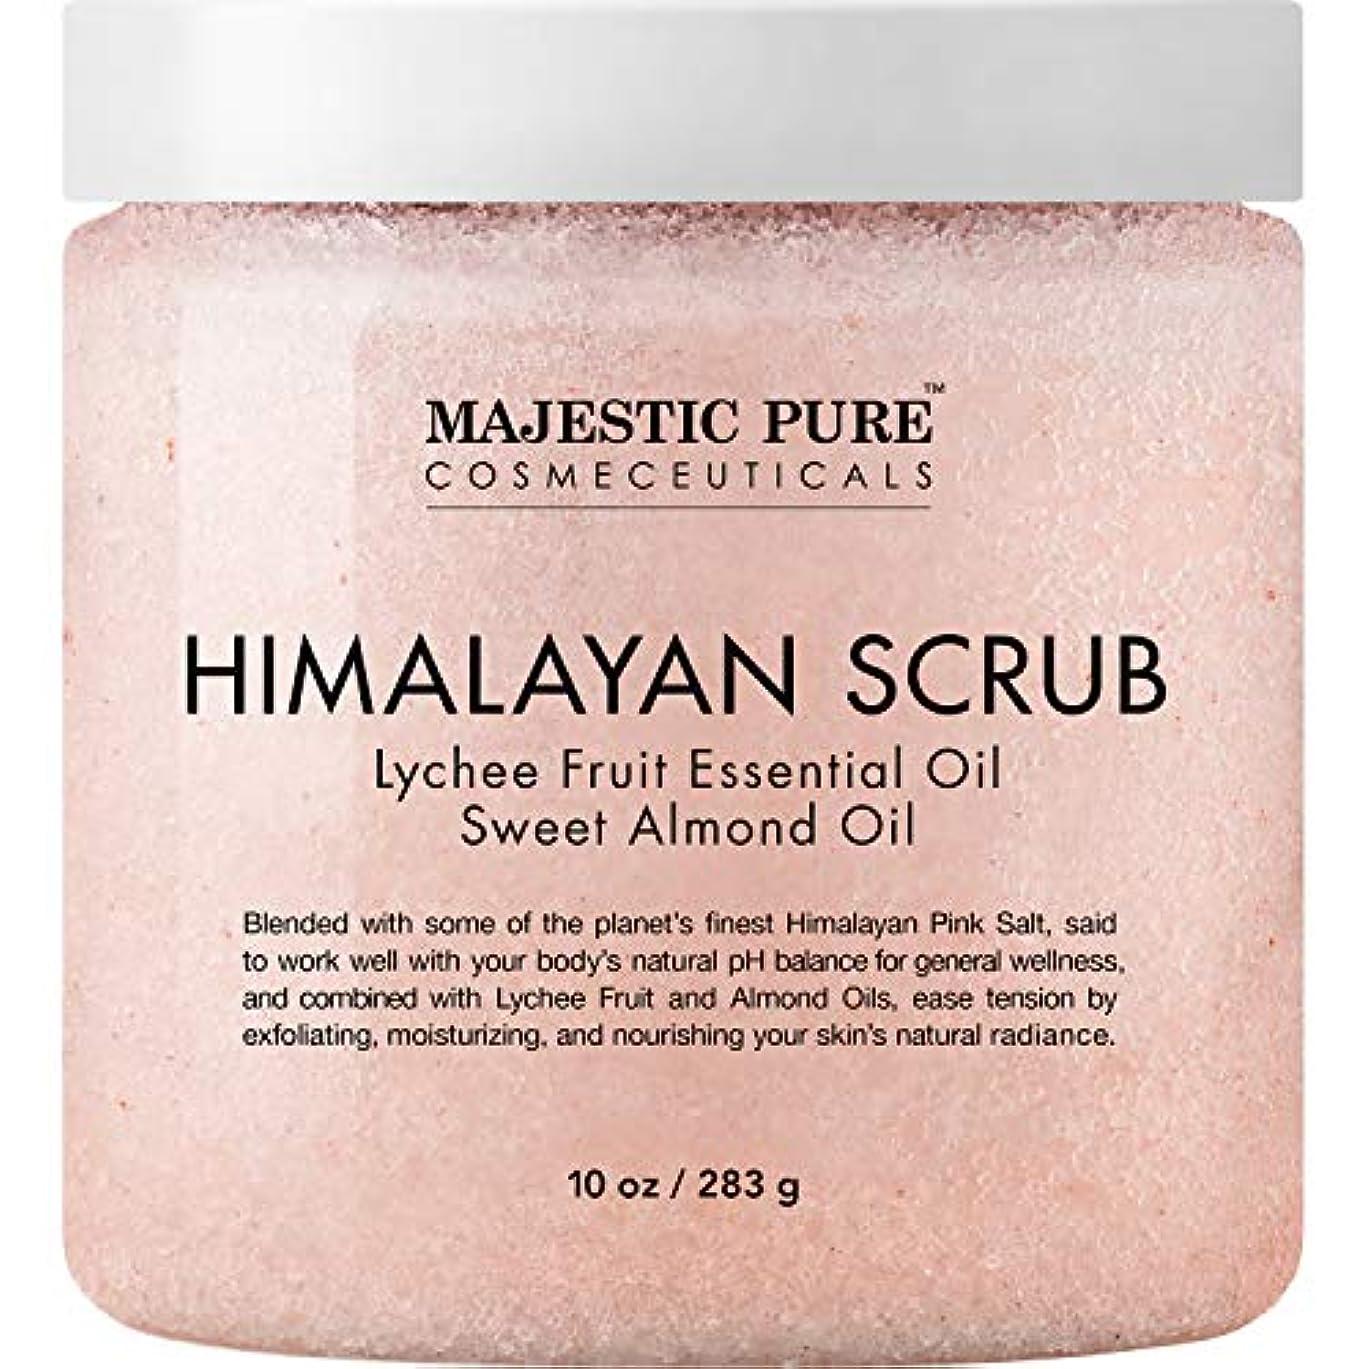 大便利さ大理石Himalayan Salt Body Scrub with Lychee Essential Oil 10 oz 283g ヒマラヤンソルトスクラブ ライチオイル